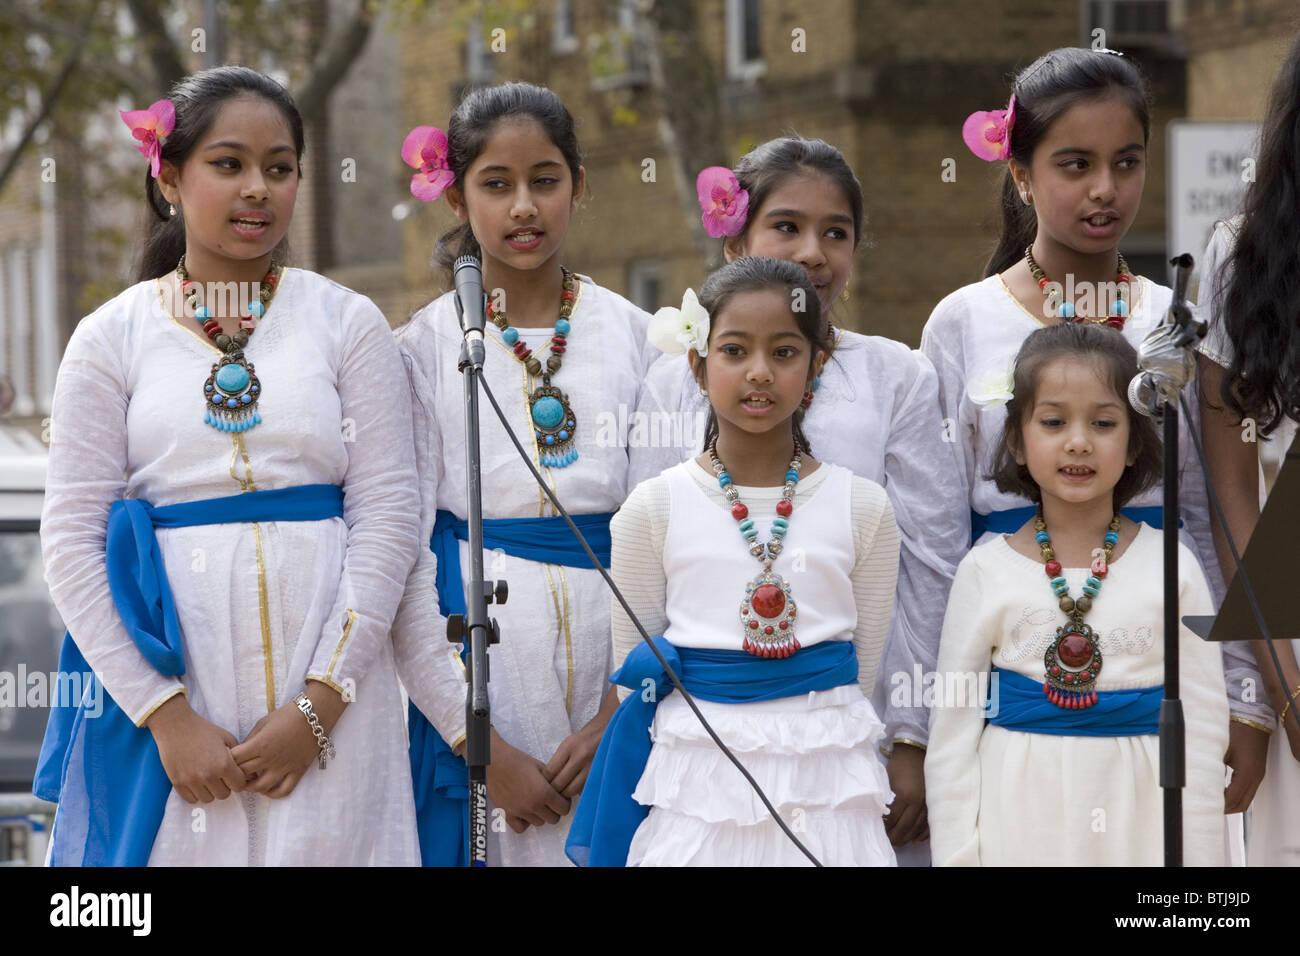 Americano del Bangladesh coro per bambini eseguire ad un festival per le culture del mondo a Brooklyn, New York. Immagini Stock